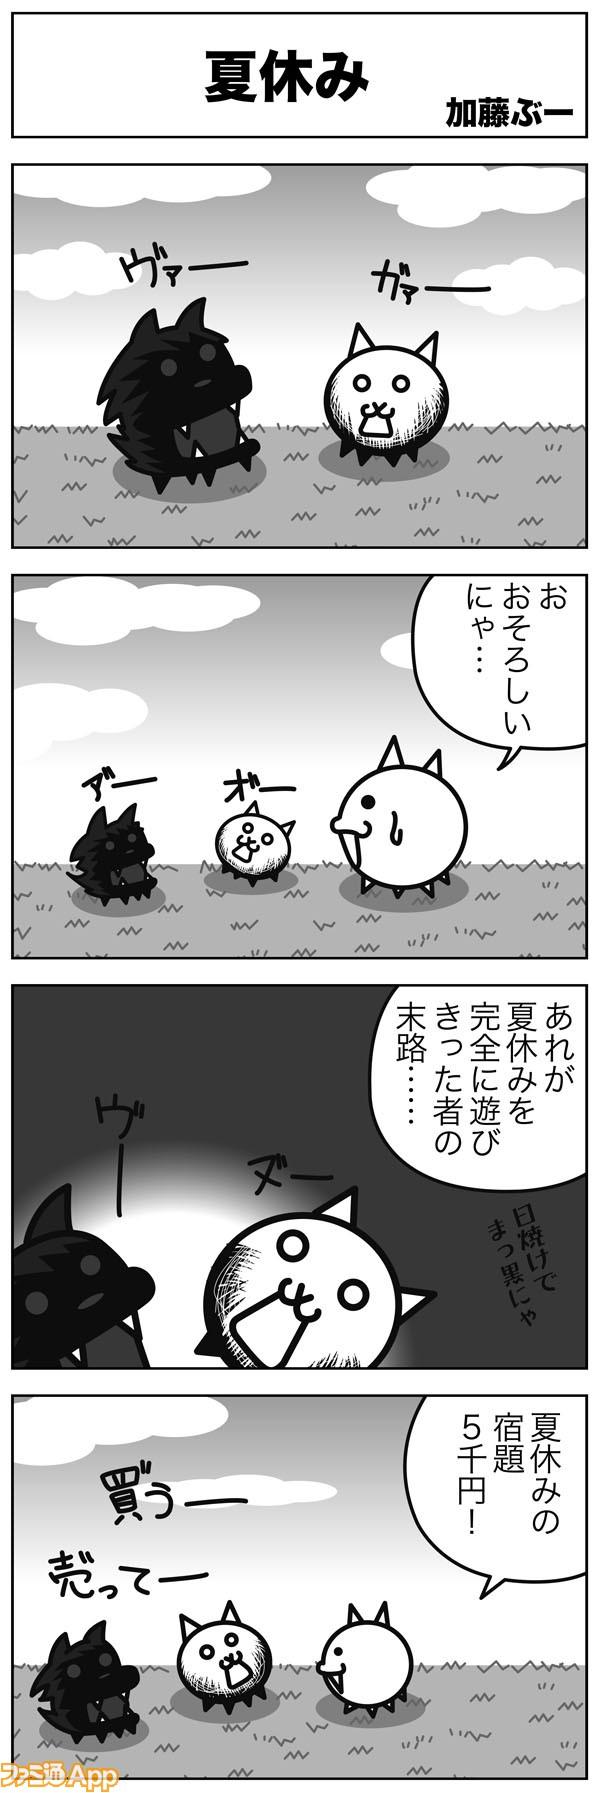 04kato-061